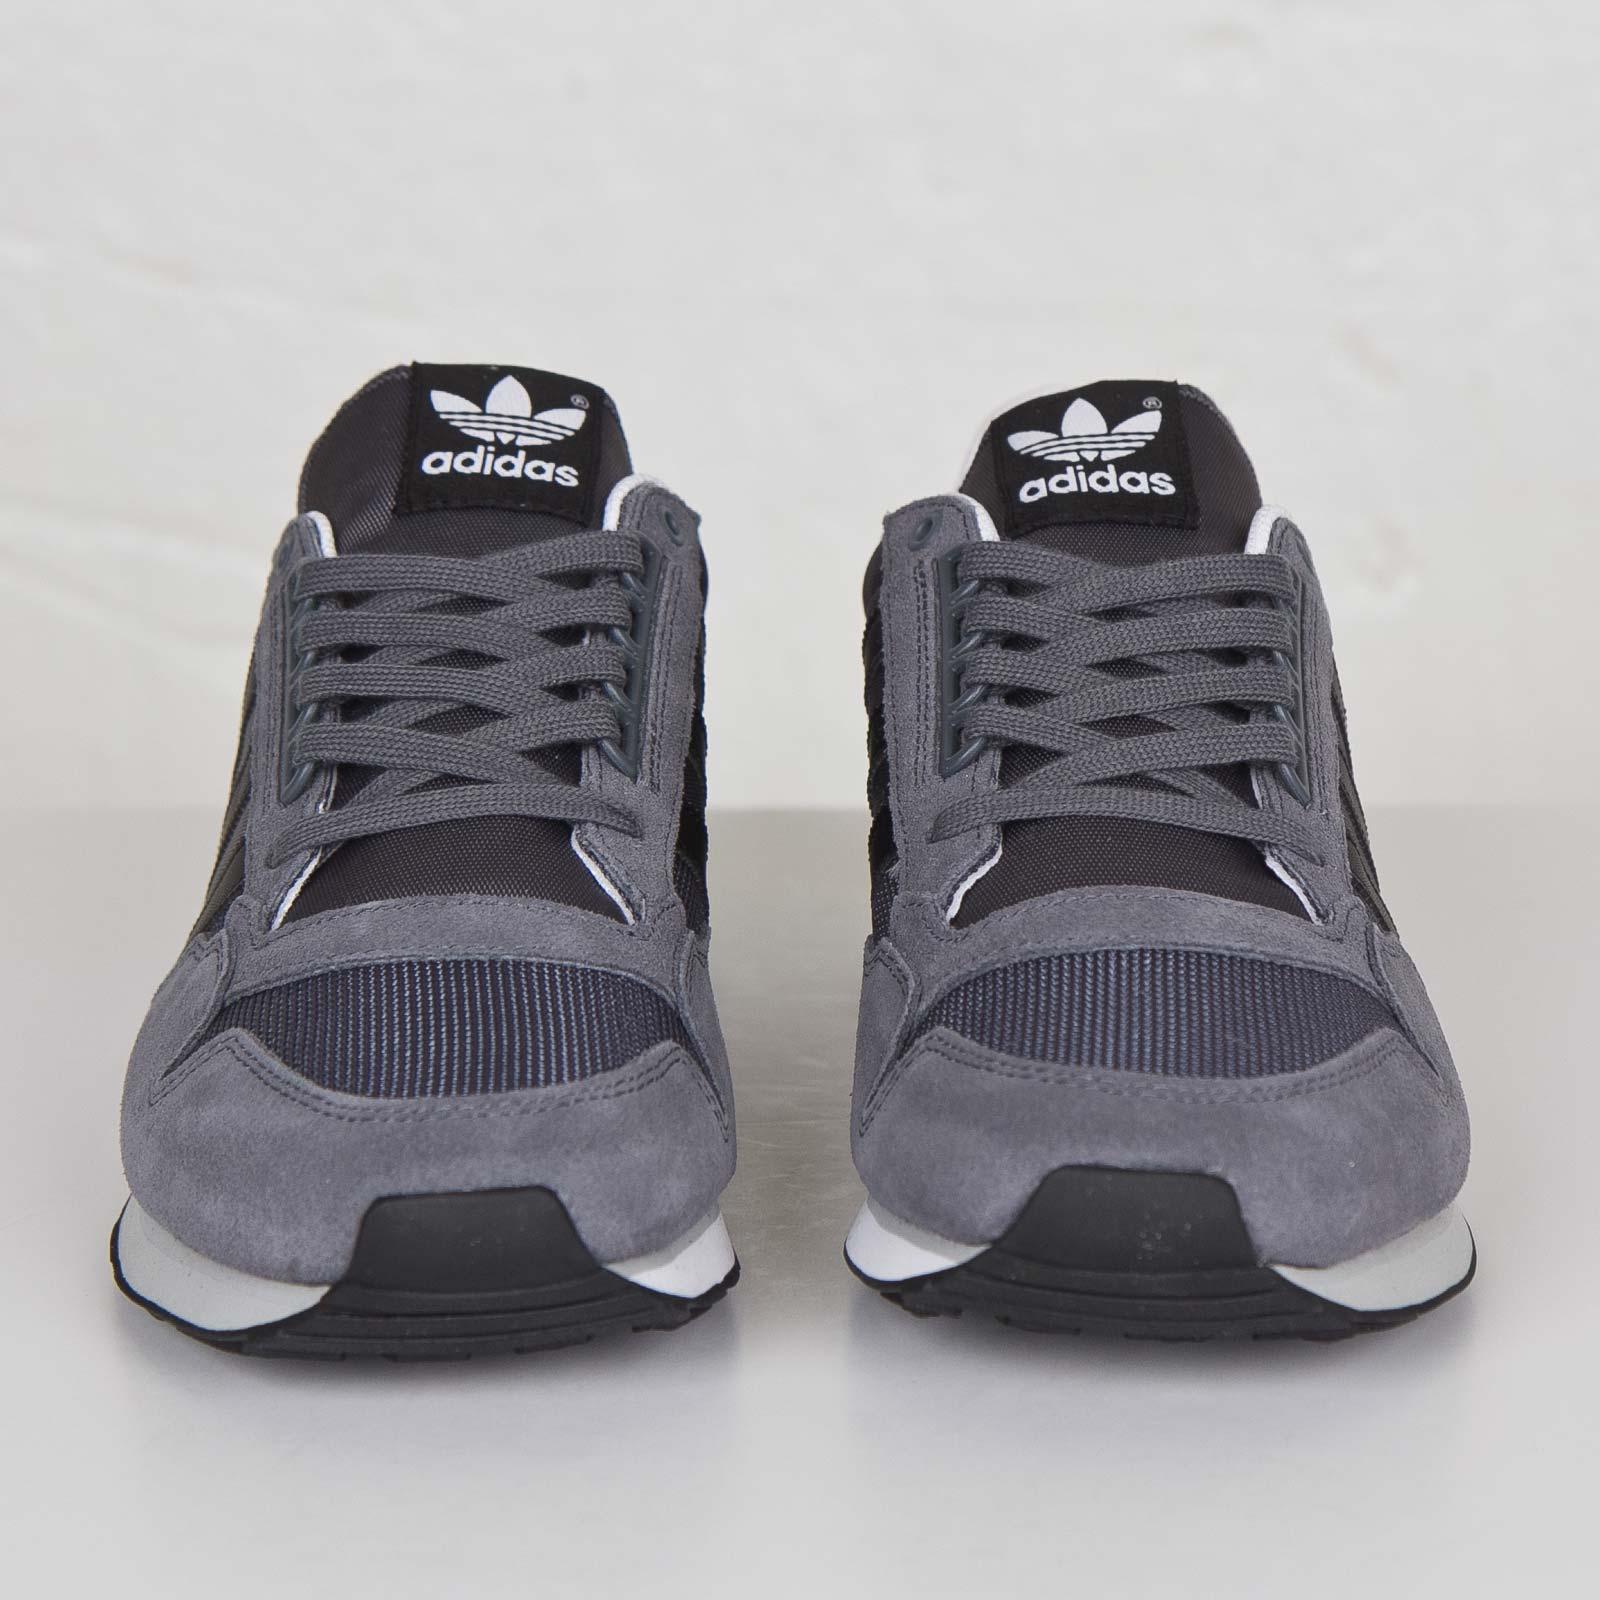 d33c9f4a7 adidas ZX 500 OG - M19296 - Sneakersnstuff